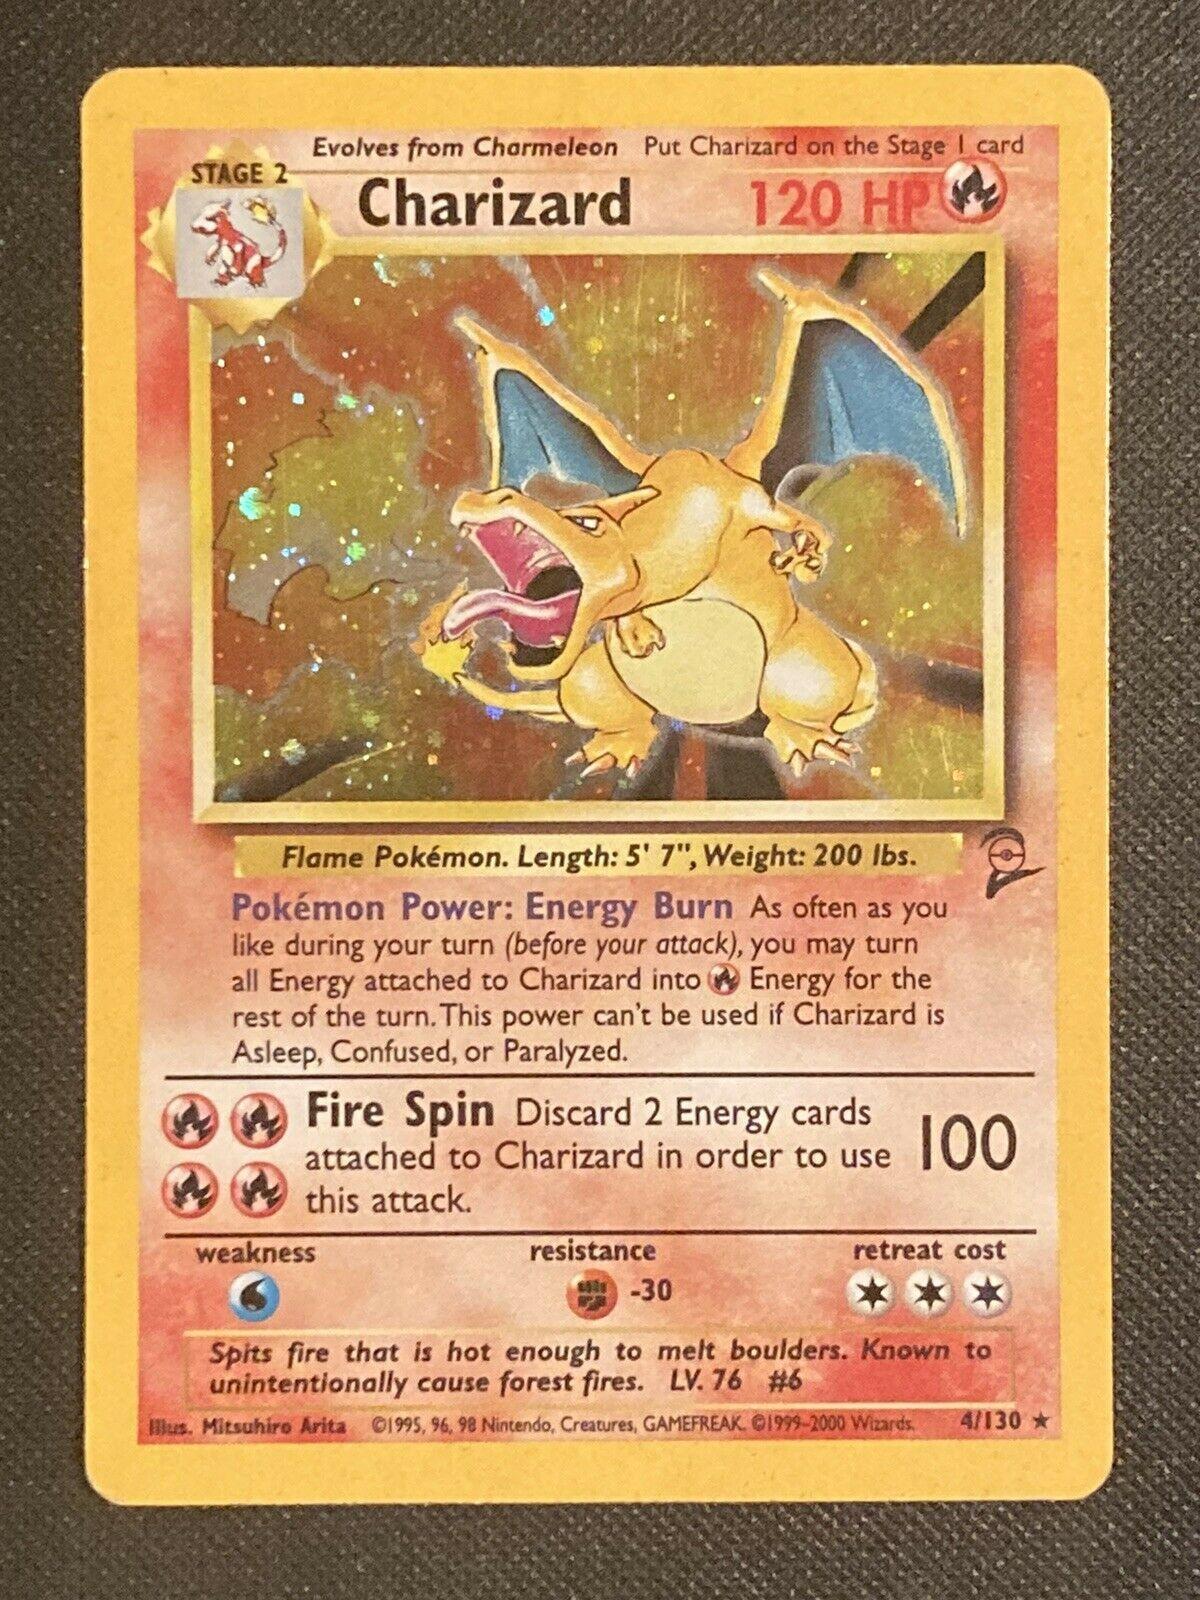 1999 Charizard Pokémon Holo card